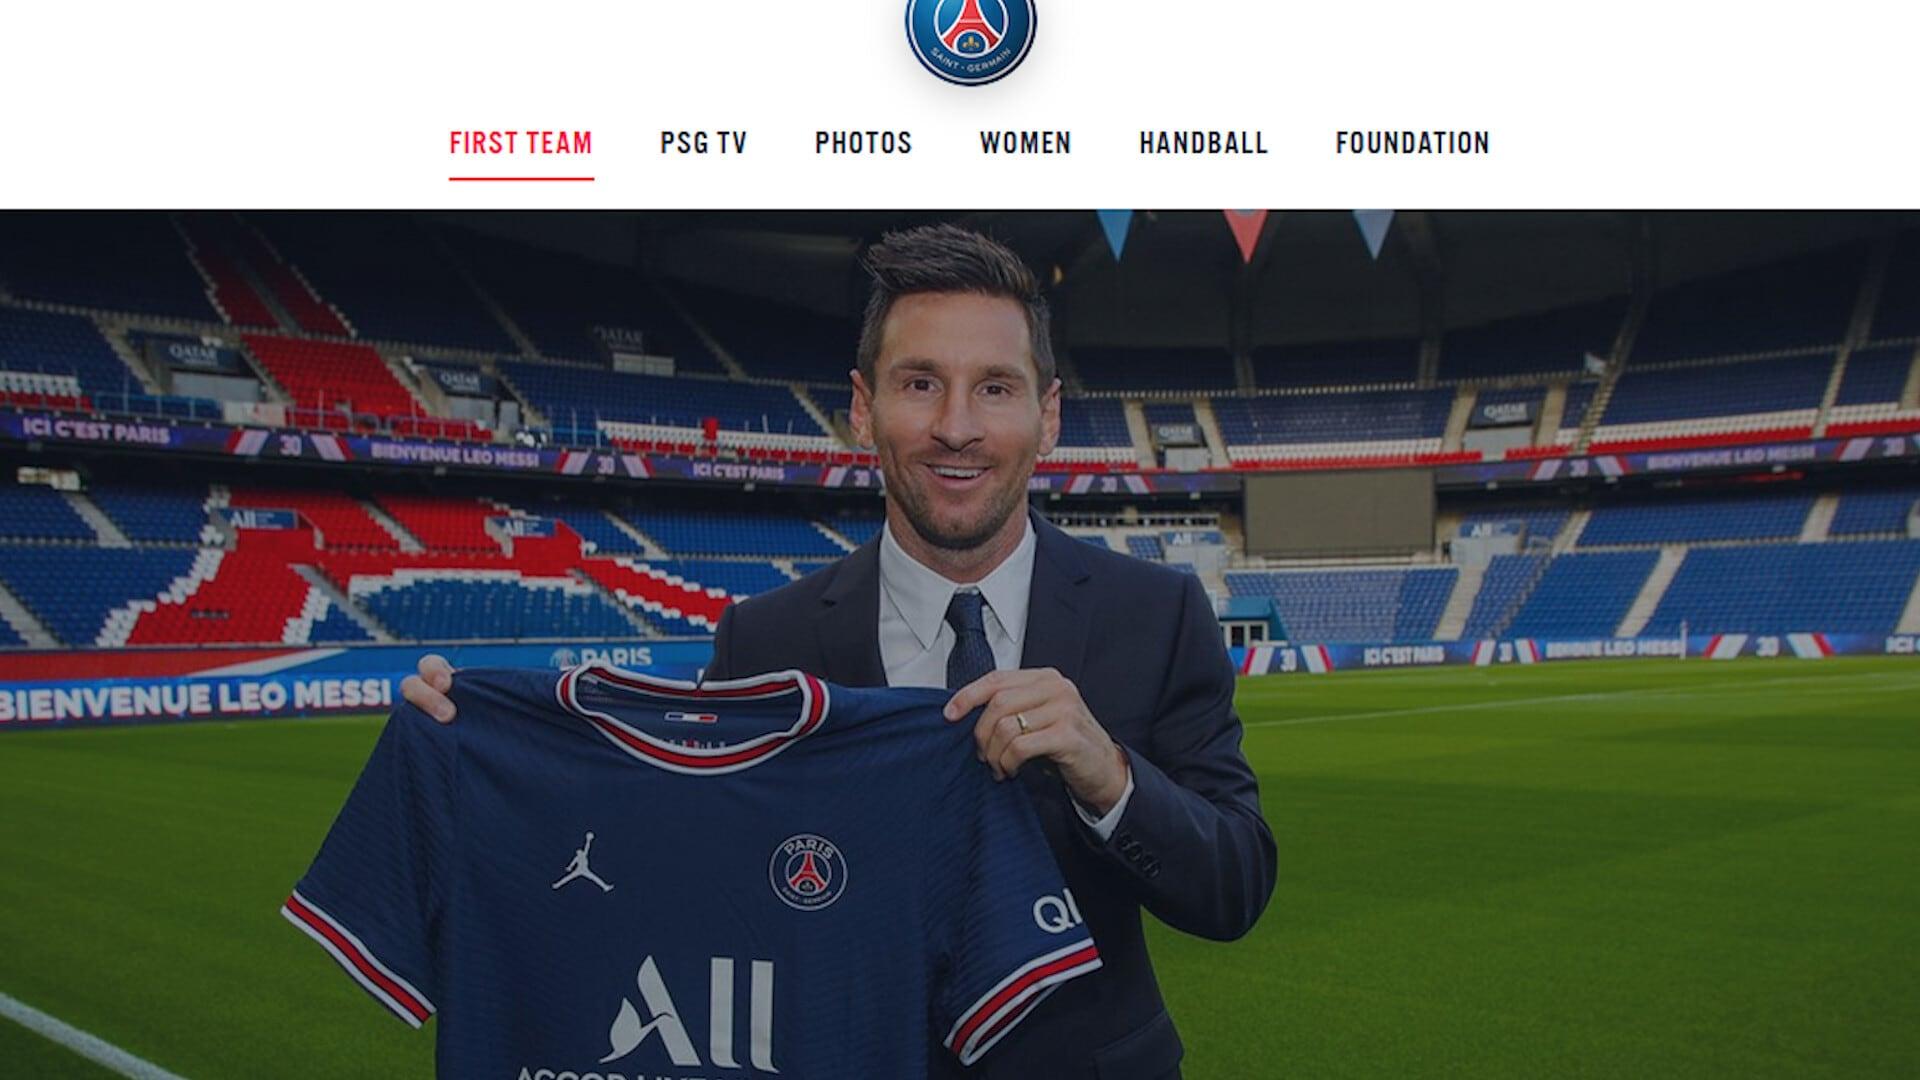 Ufficiale: Lionel Messi è un nuovo giocatore del Psg